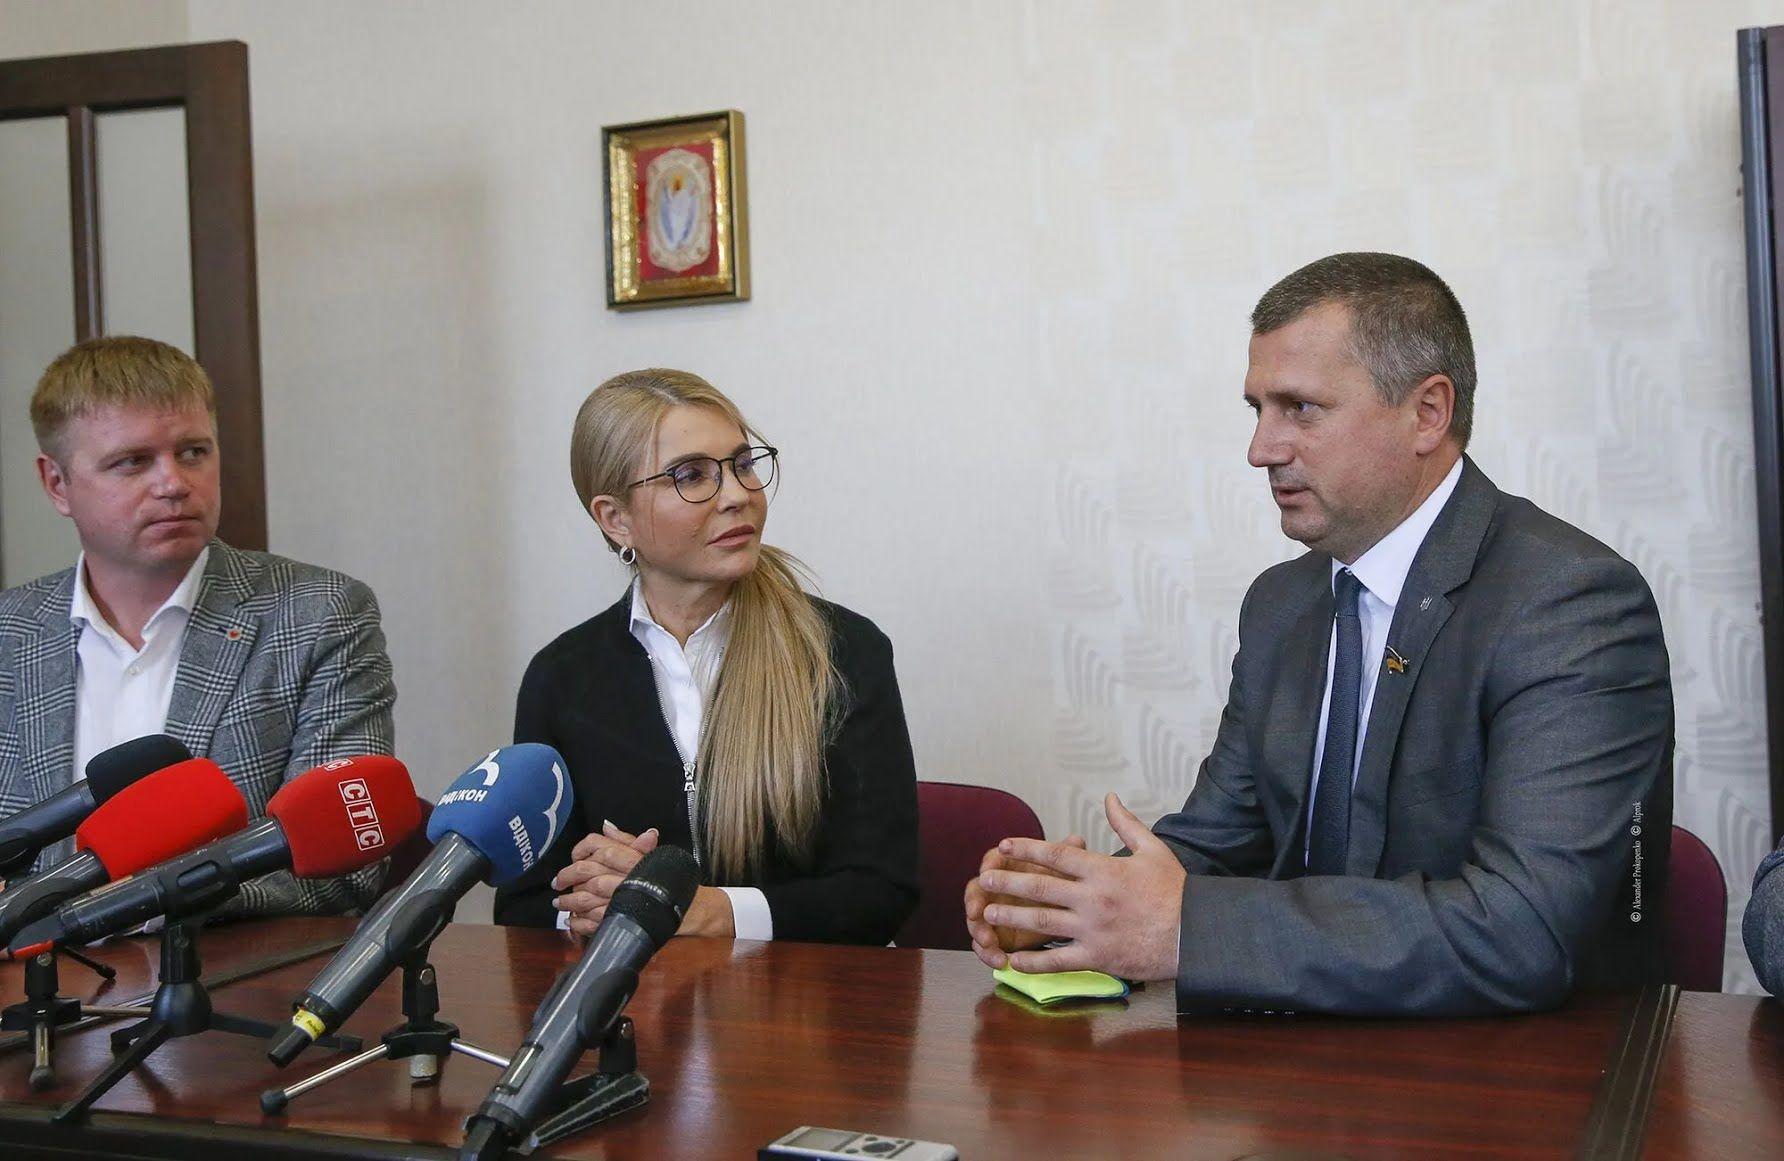 Юлия Тимошенко отметила, что поставит перед руководителями правительства вопрос о дорогих ценах на газ